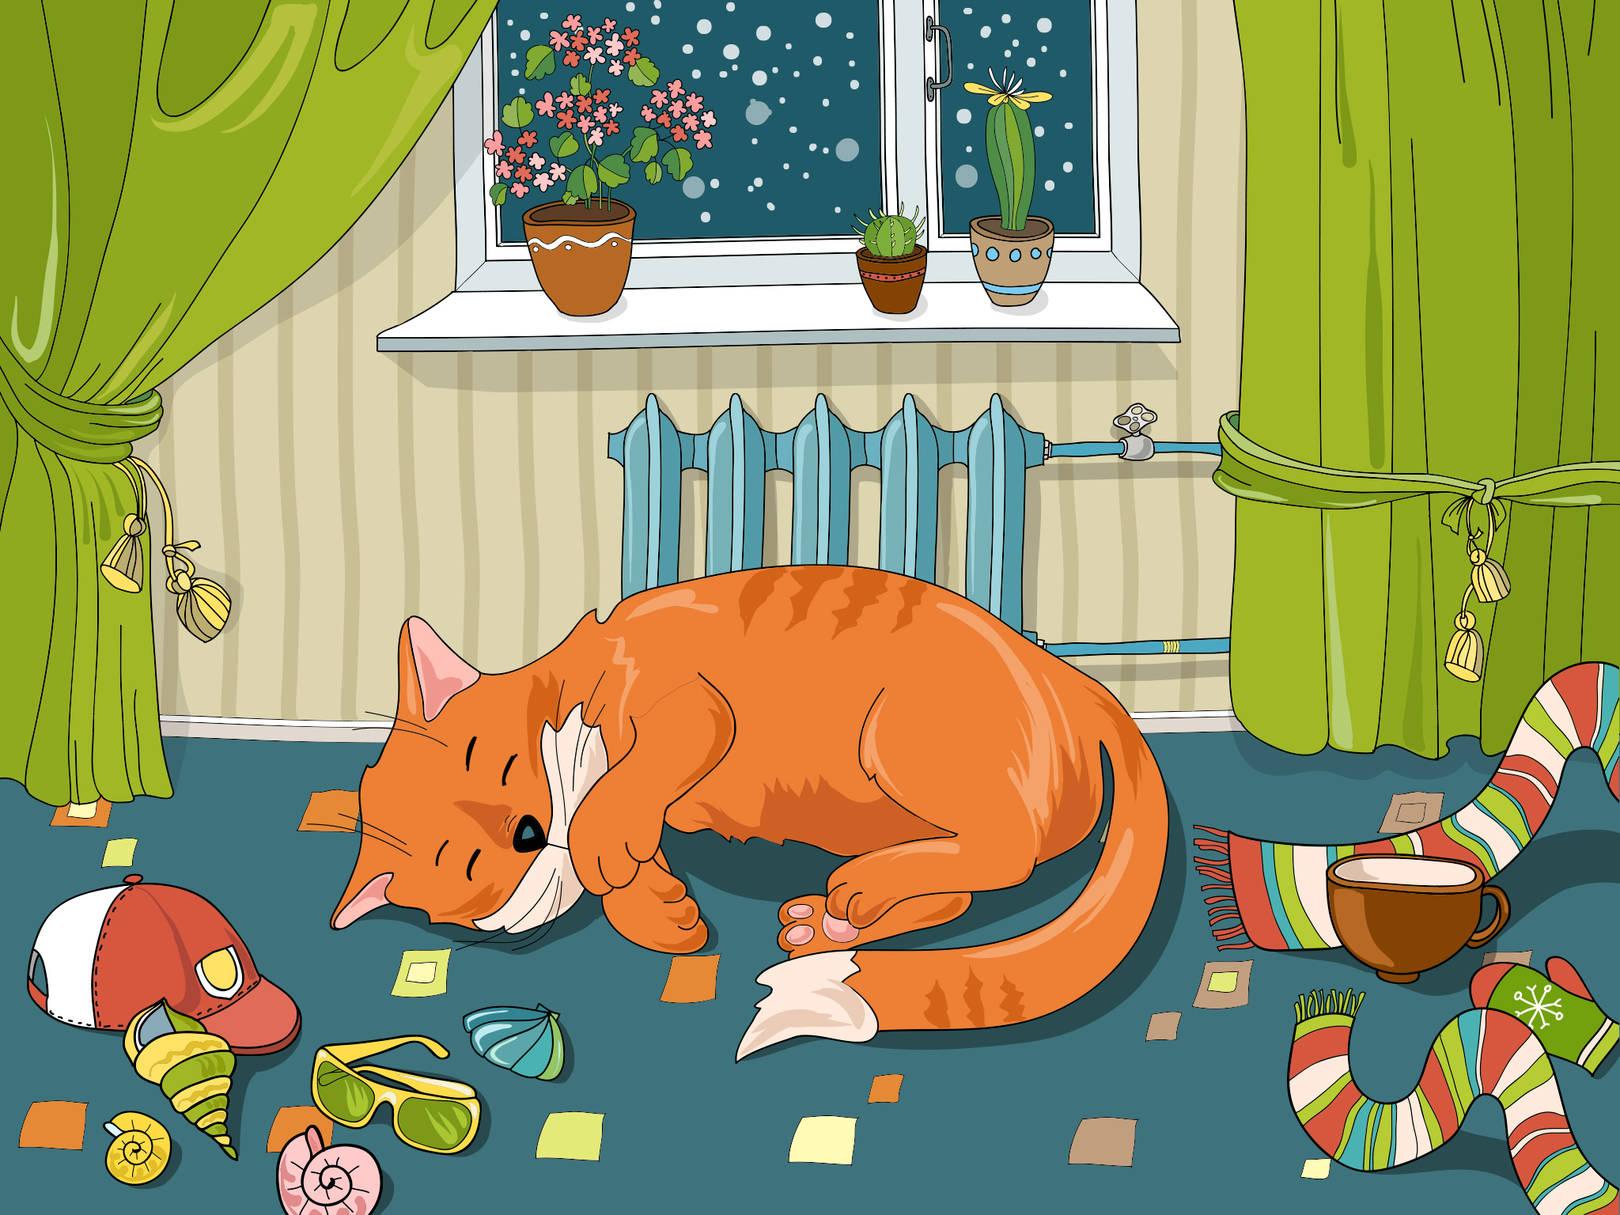 Иллюстрация для интерактивной раскраски